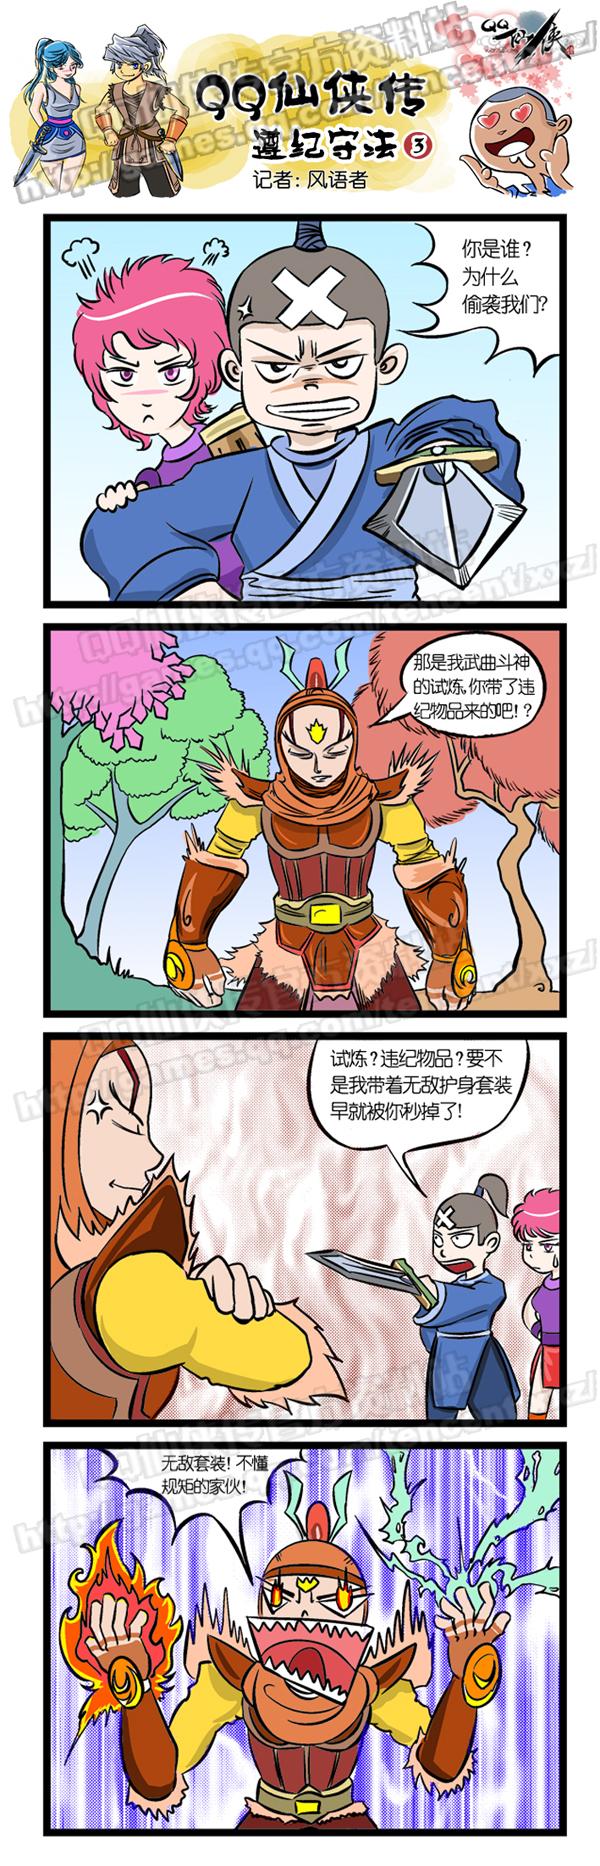 [qq仙侠传]搞笑原创四格漫画-遵纪守法图片